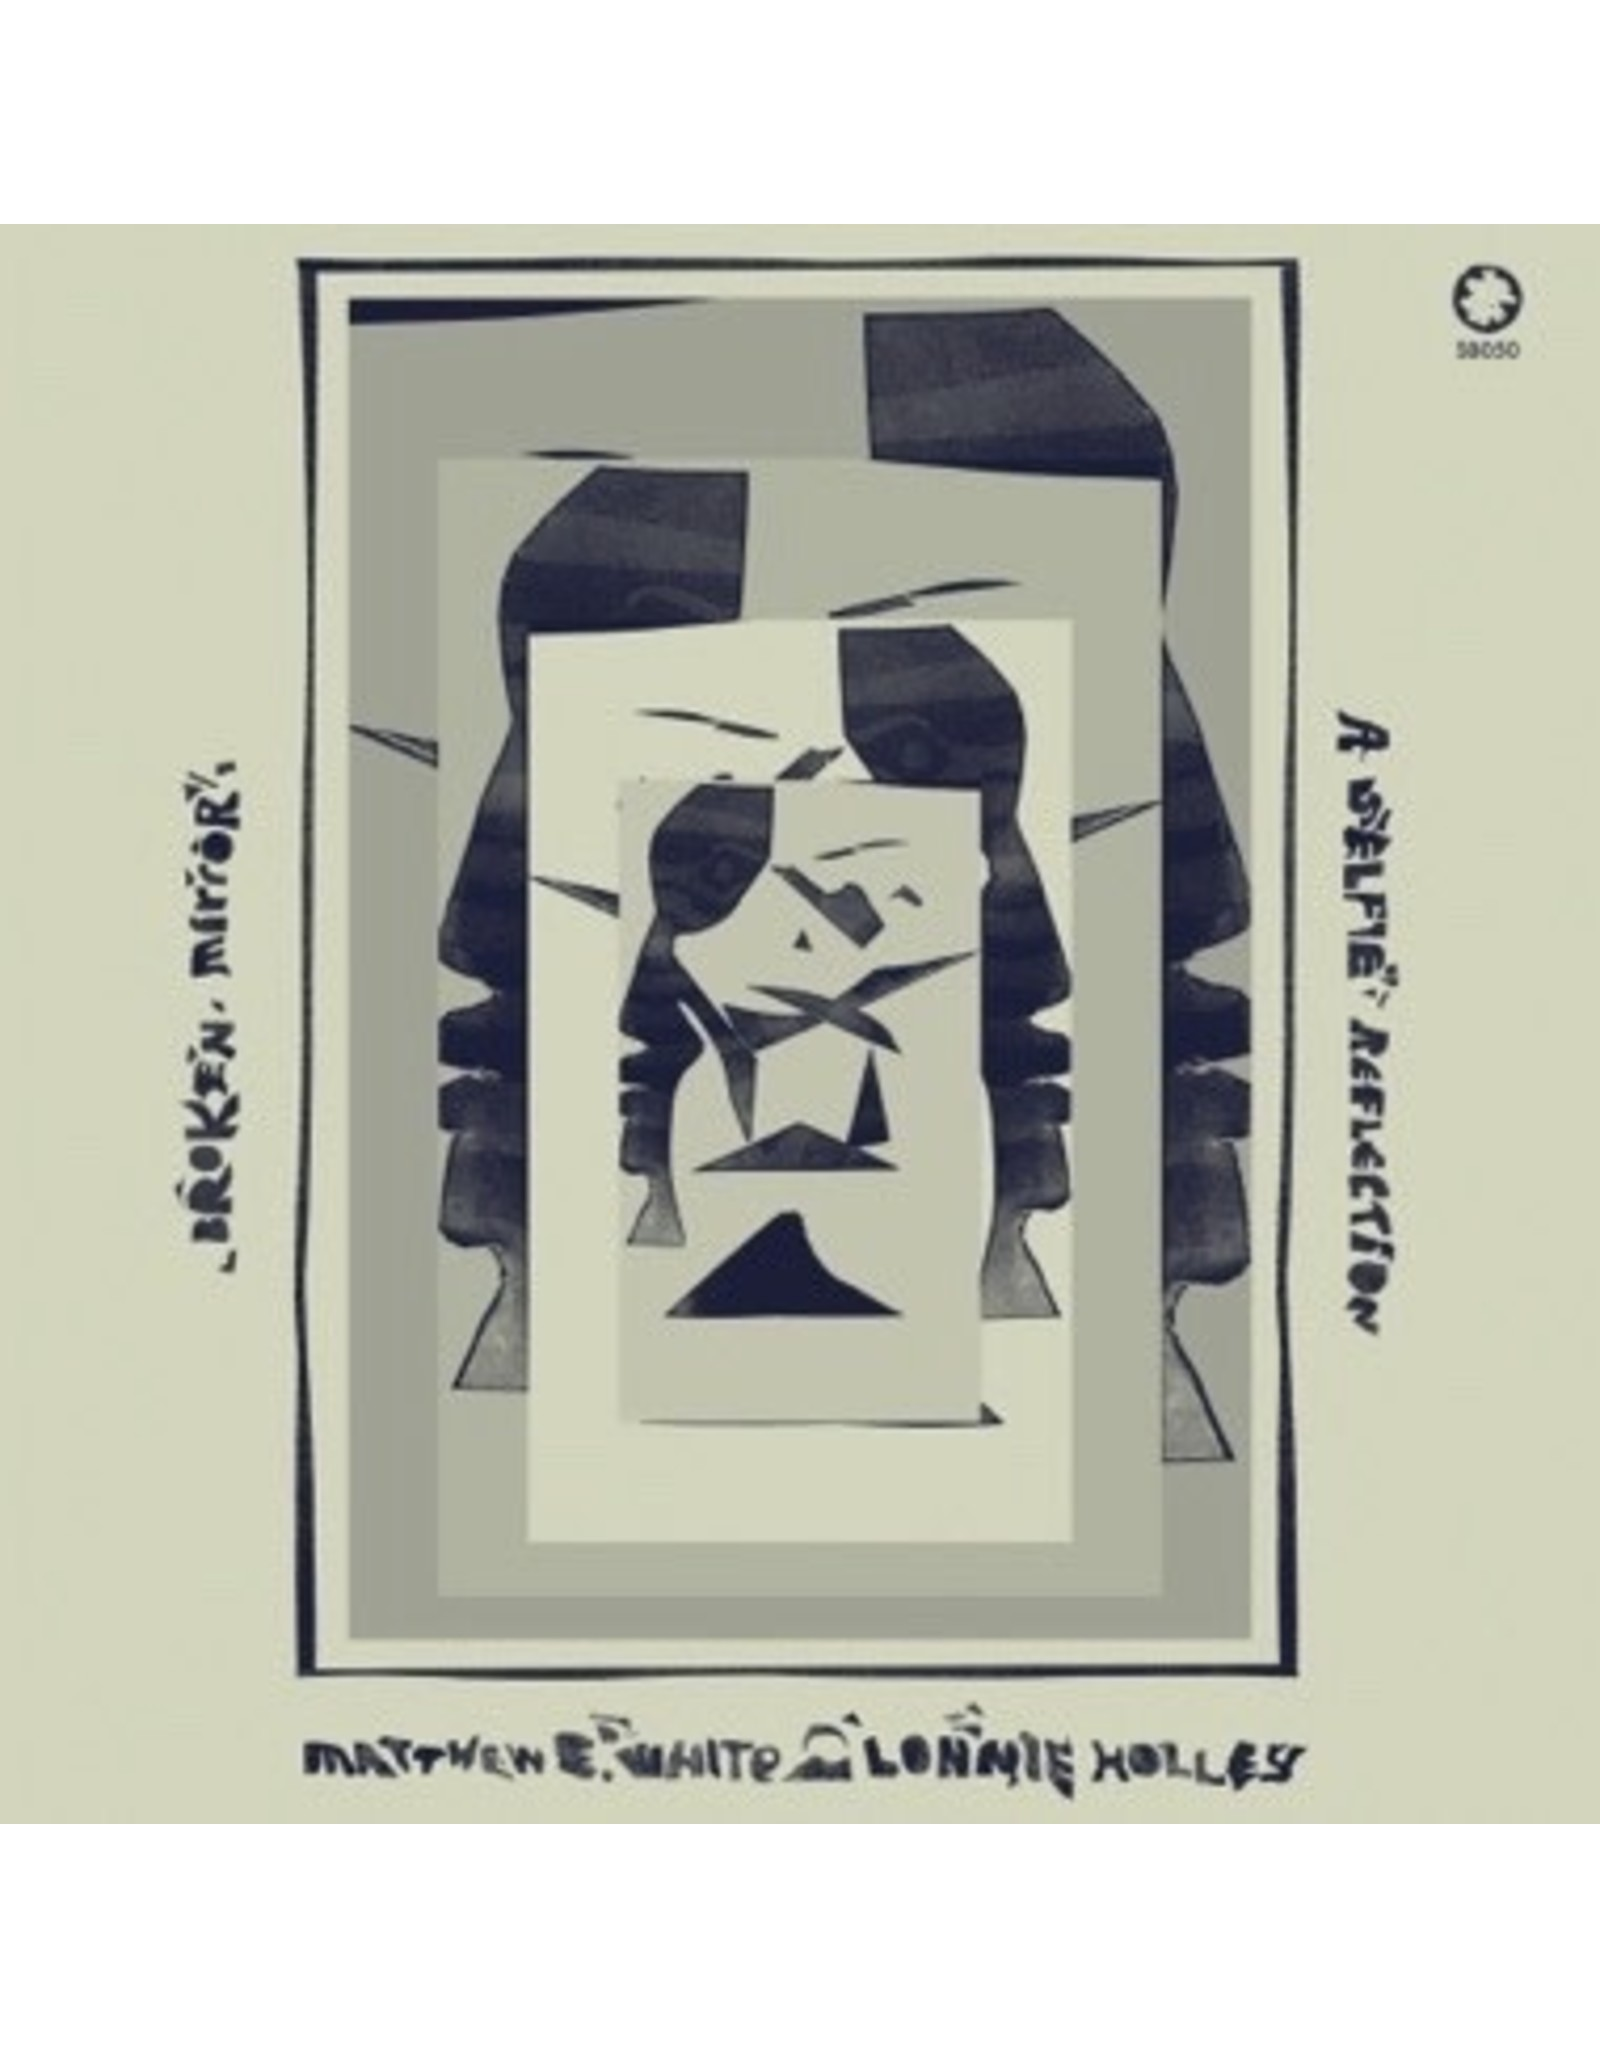 New Vinyl Matthew E. White & Lonnie Holley - Broken Mirror: A Selfie Reflection (Magenta) LP